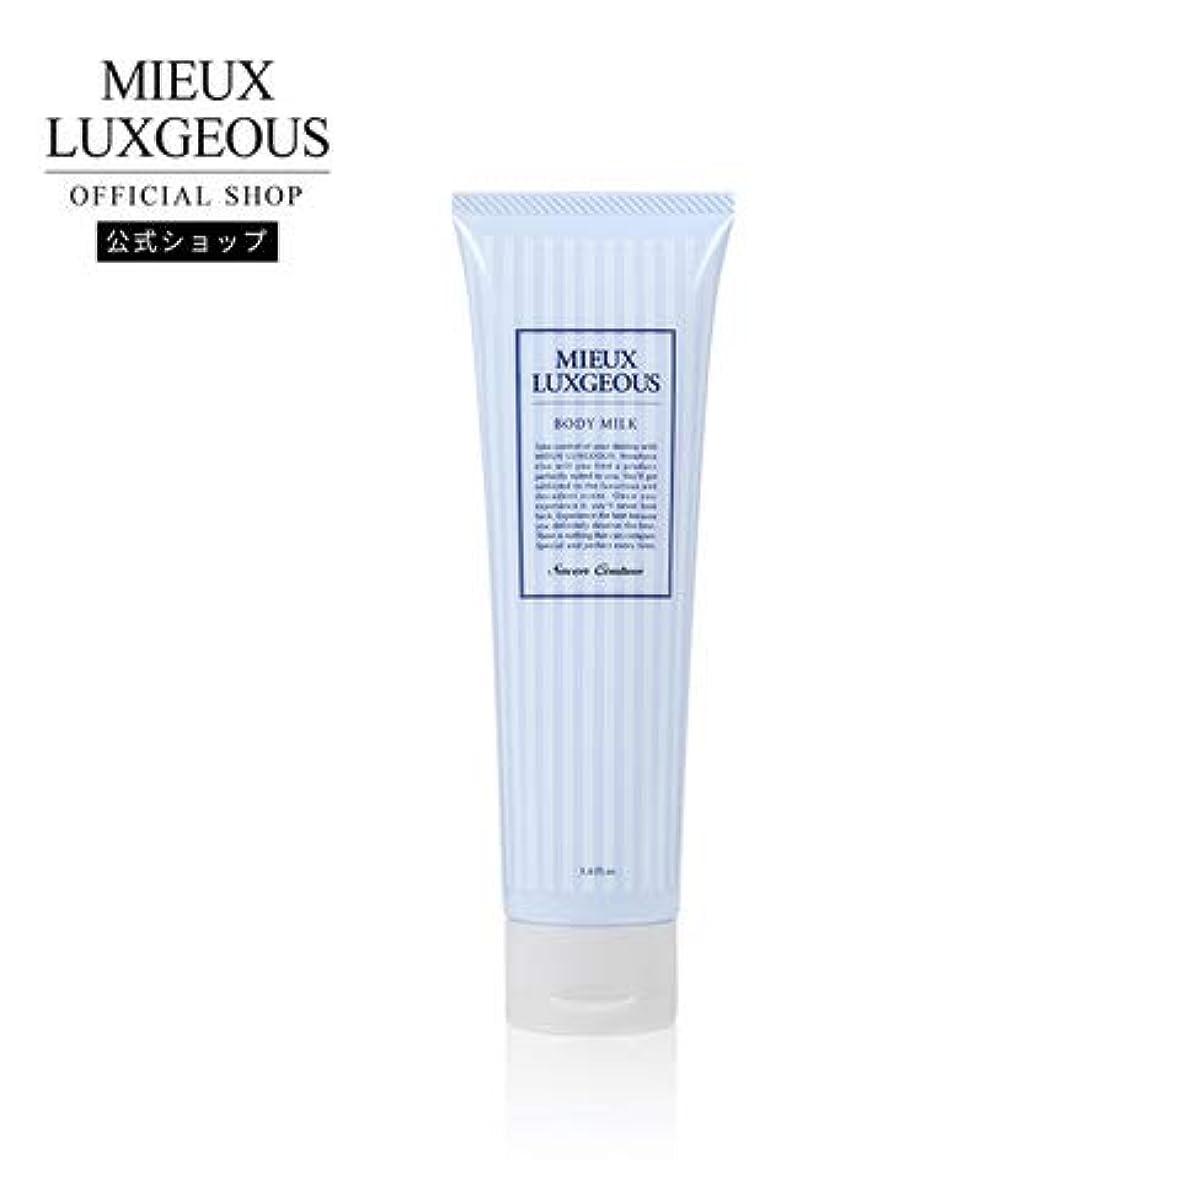 ロデオ国内の始まりミューラグジャス ボディミルク Savon Coutureの香り